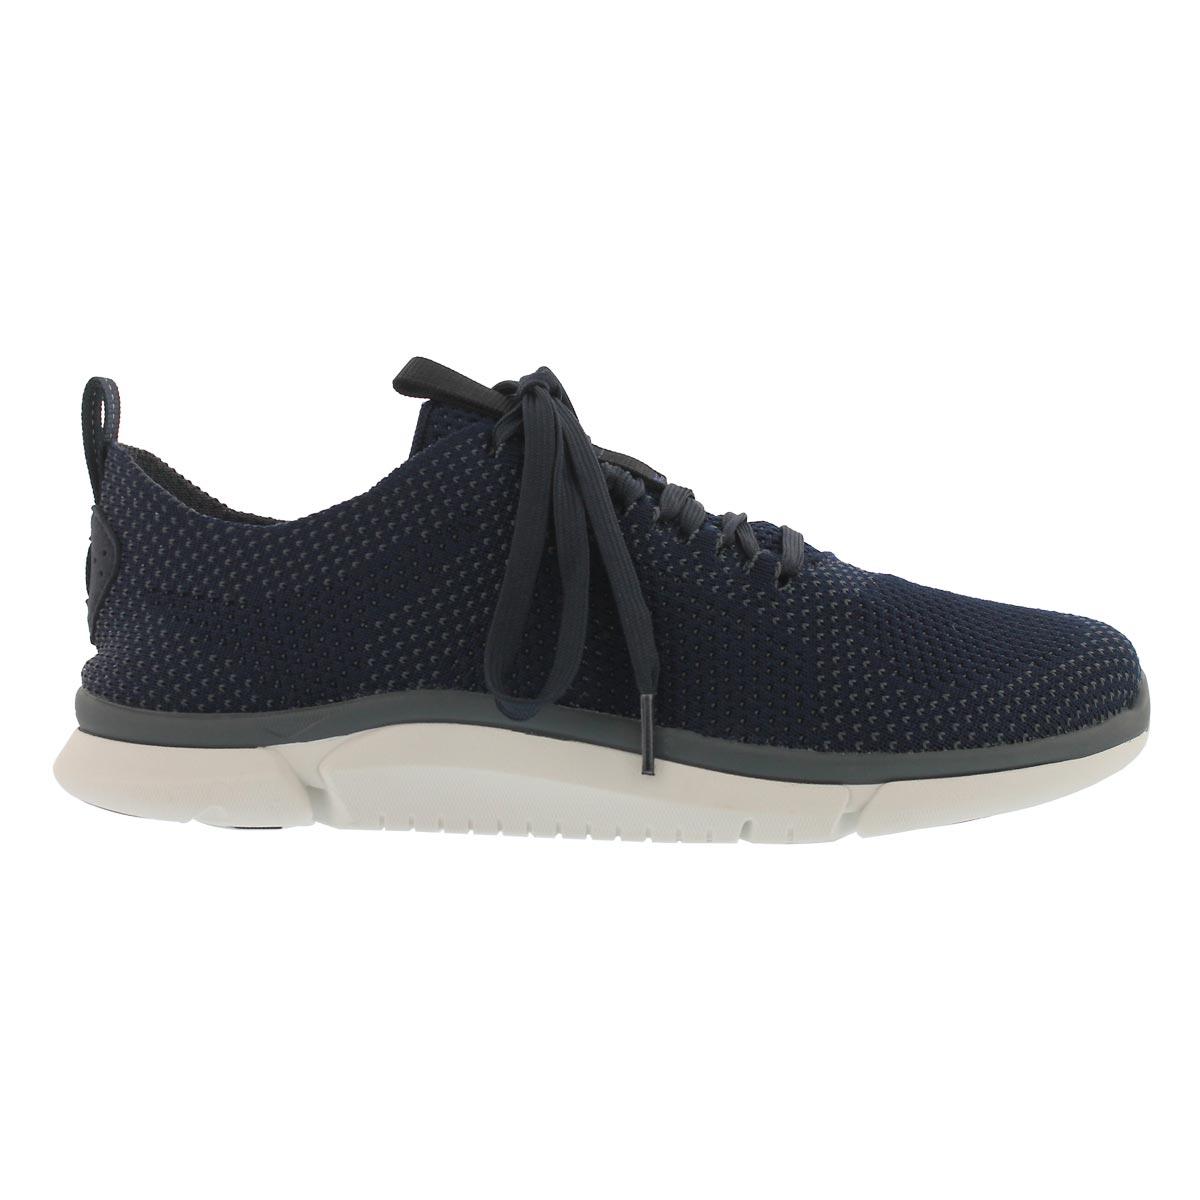 Mns Triken Run navy lace up sneaker